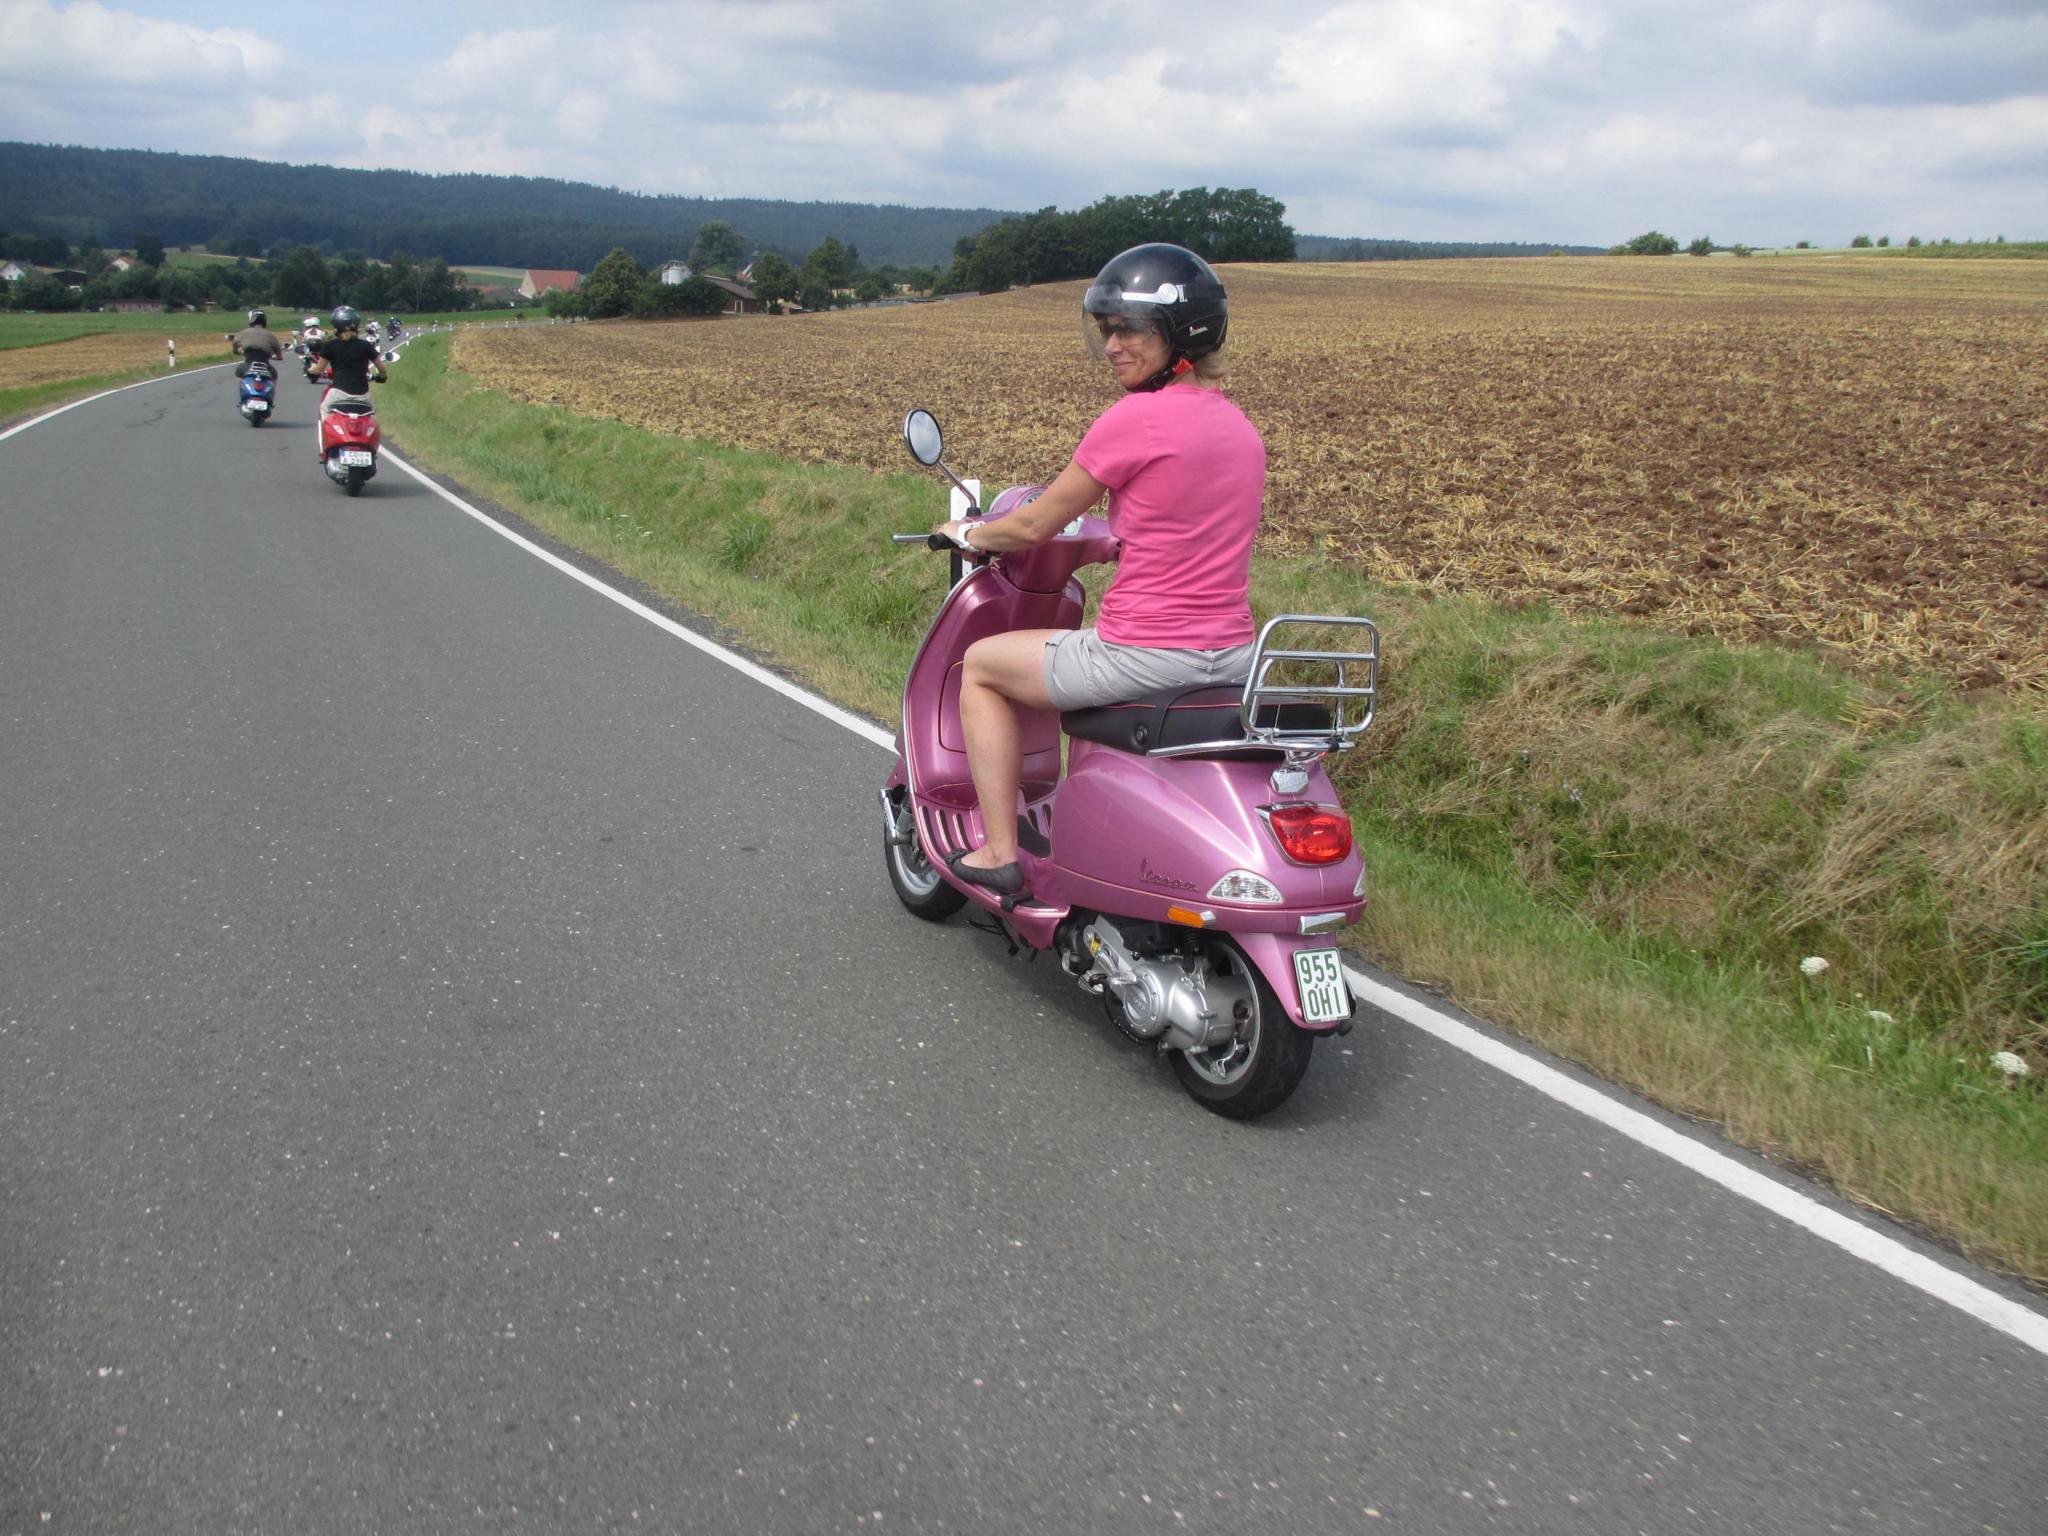 treffen online de motorrad Motorrad & roller adac im einsatz speichern sie oldtimer-tipps der adacde in ihren favoriten pannenmeldung online: melden sie eine panne im in- oder ausland.